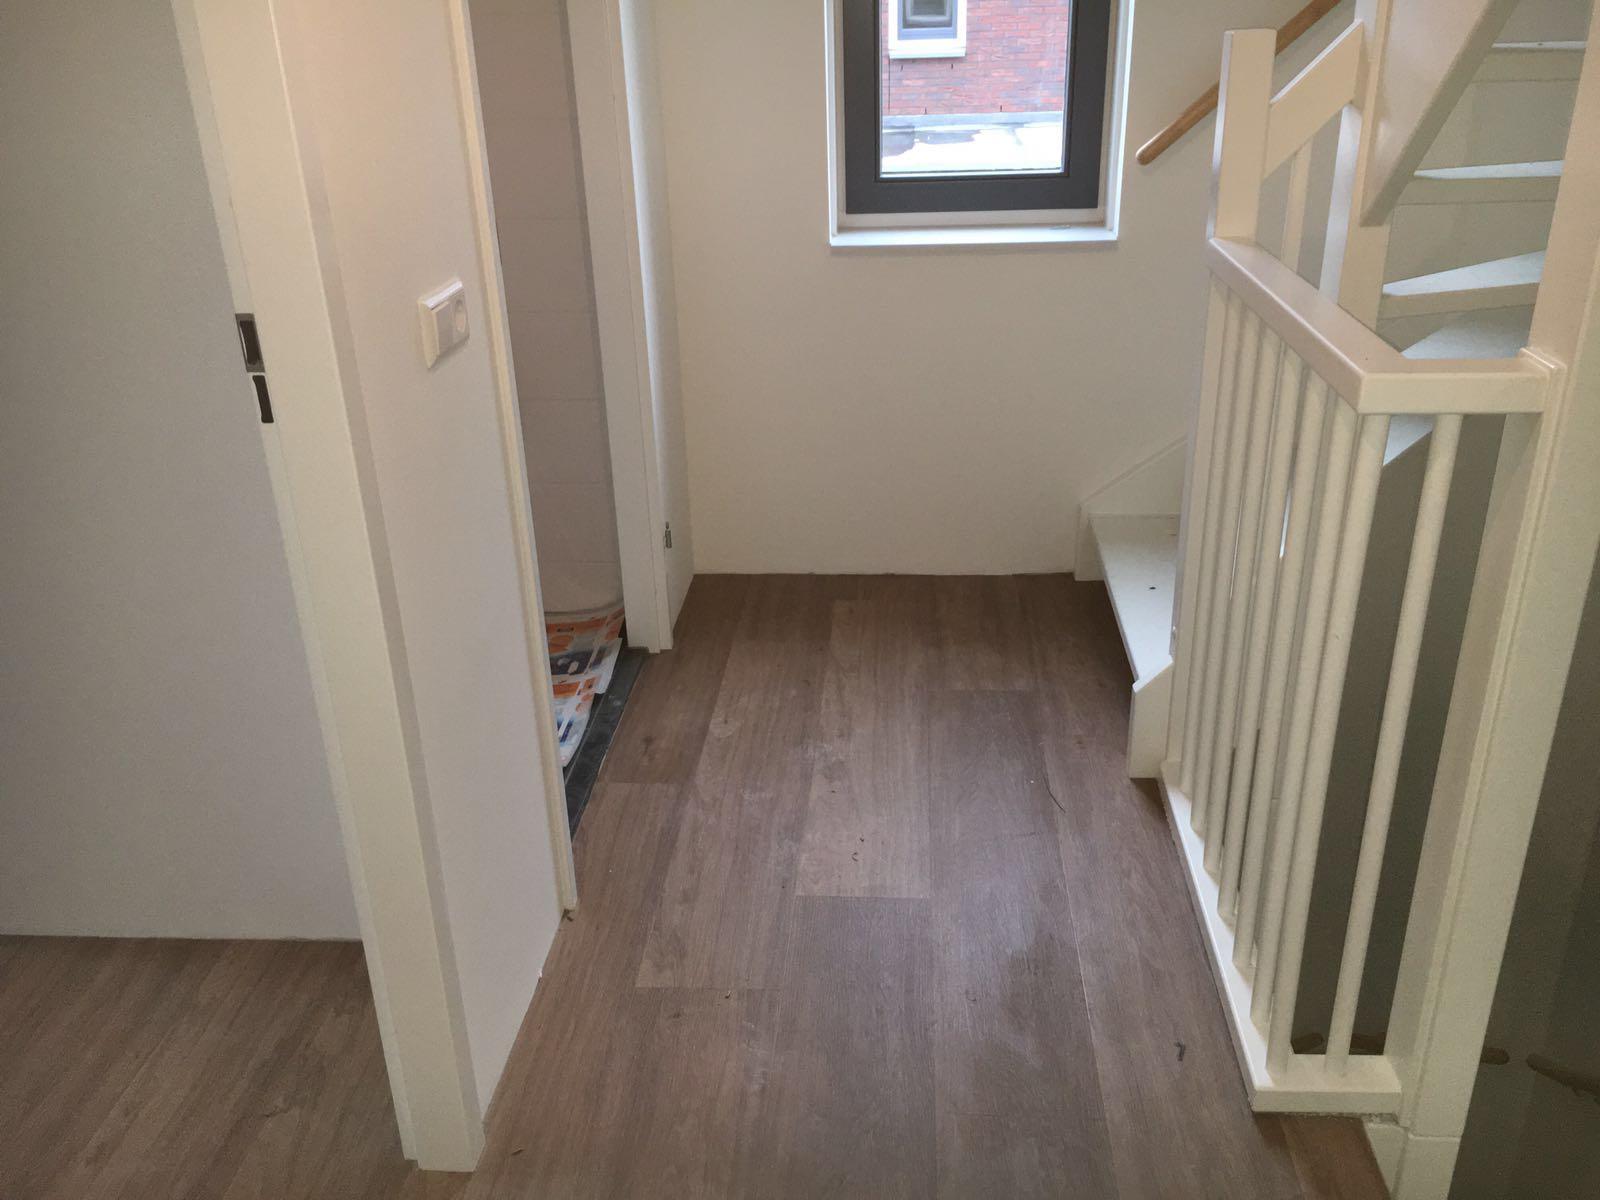 Pvc Vloer Vtwonen : Slaapkamer vloeren. stunning novilon vt wonen vloer kleur ijzer with